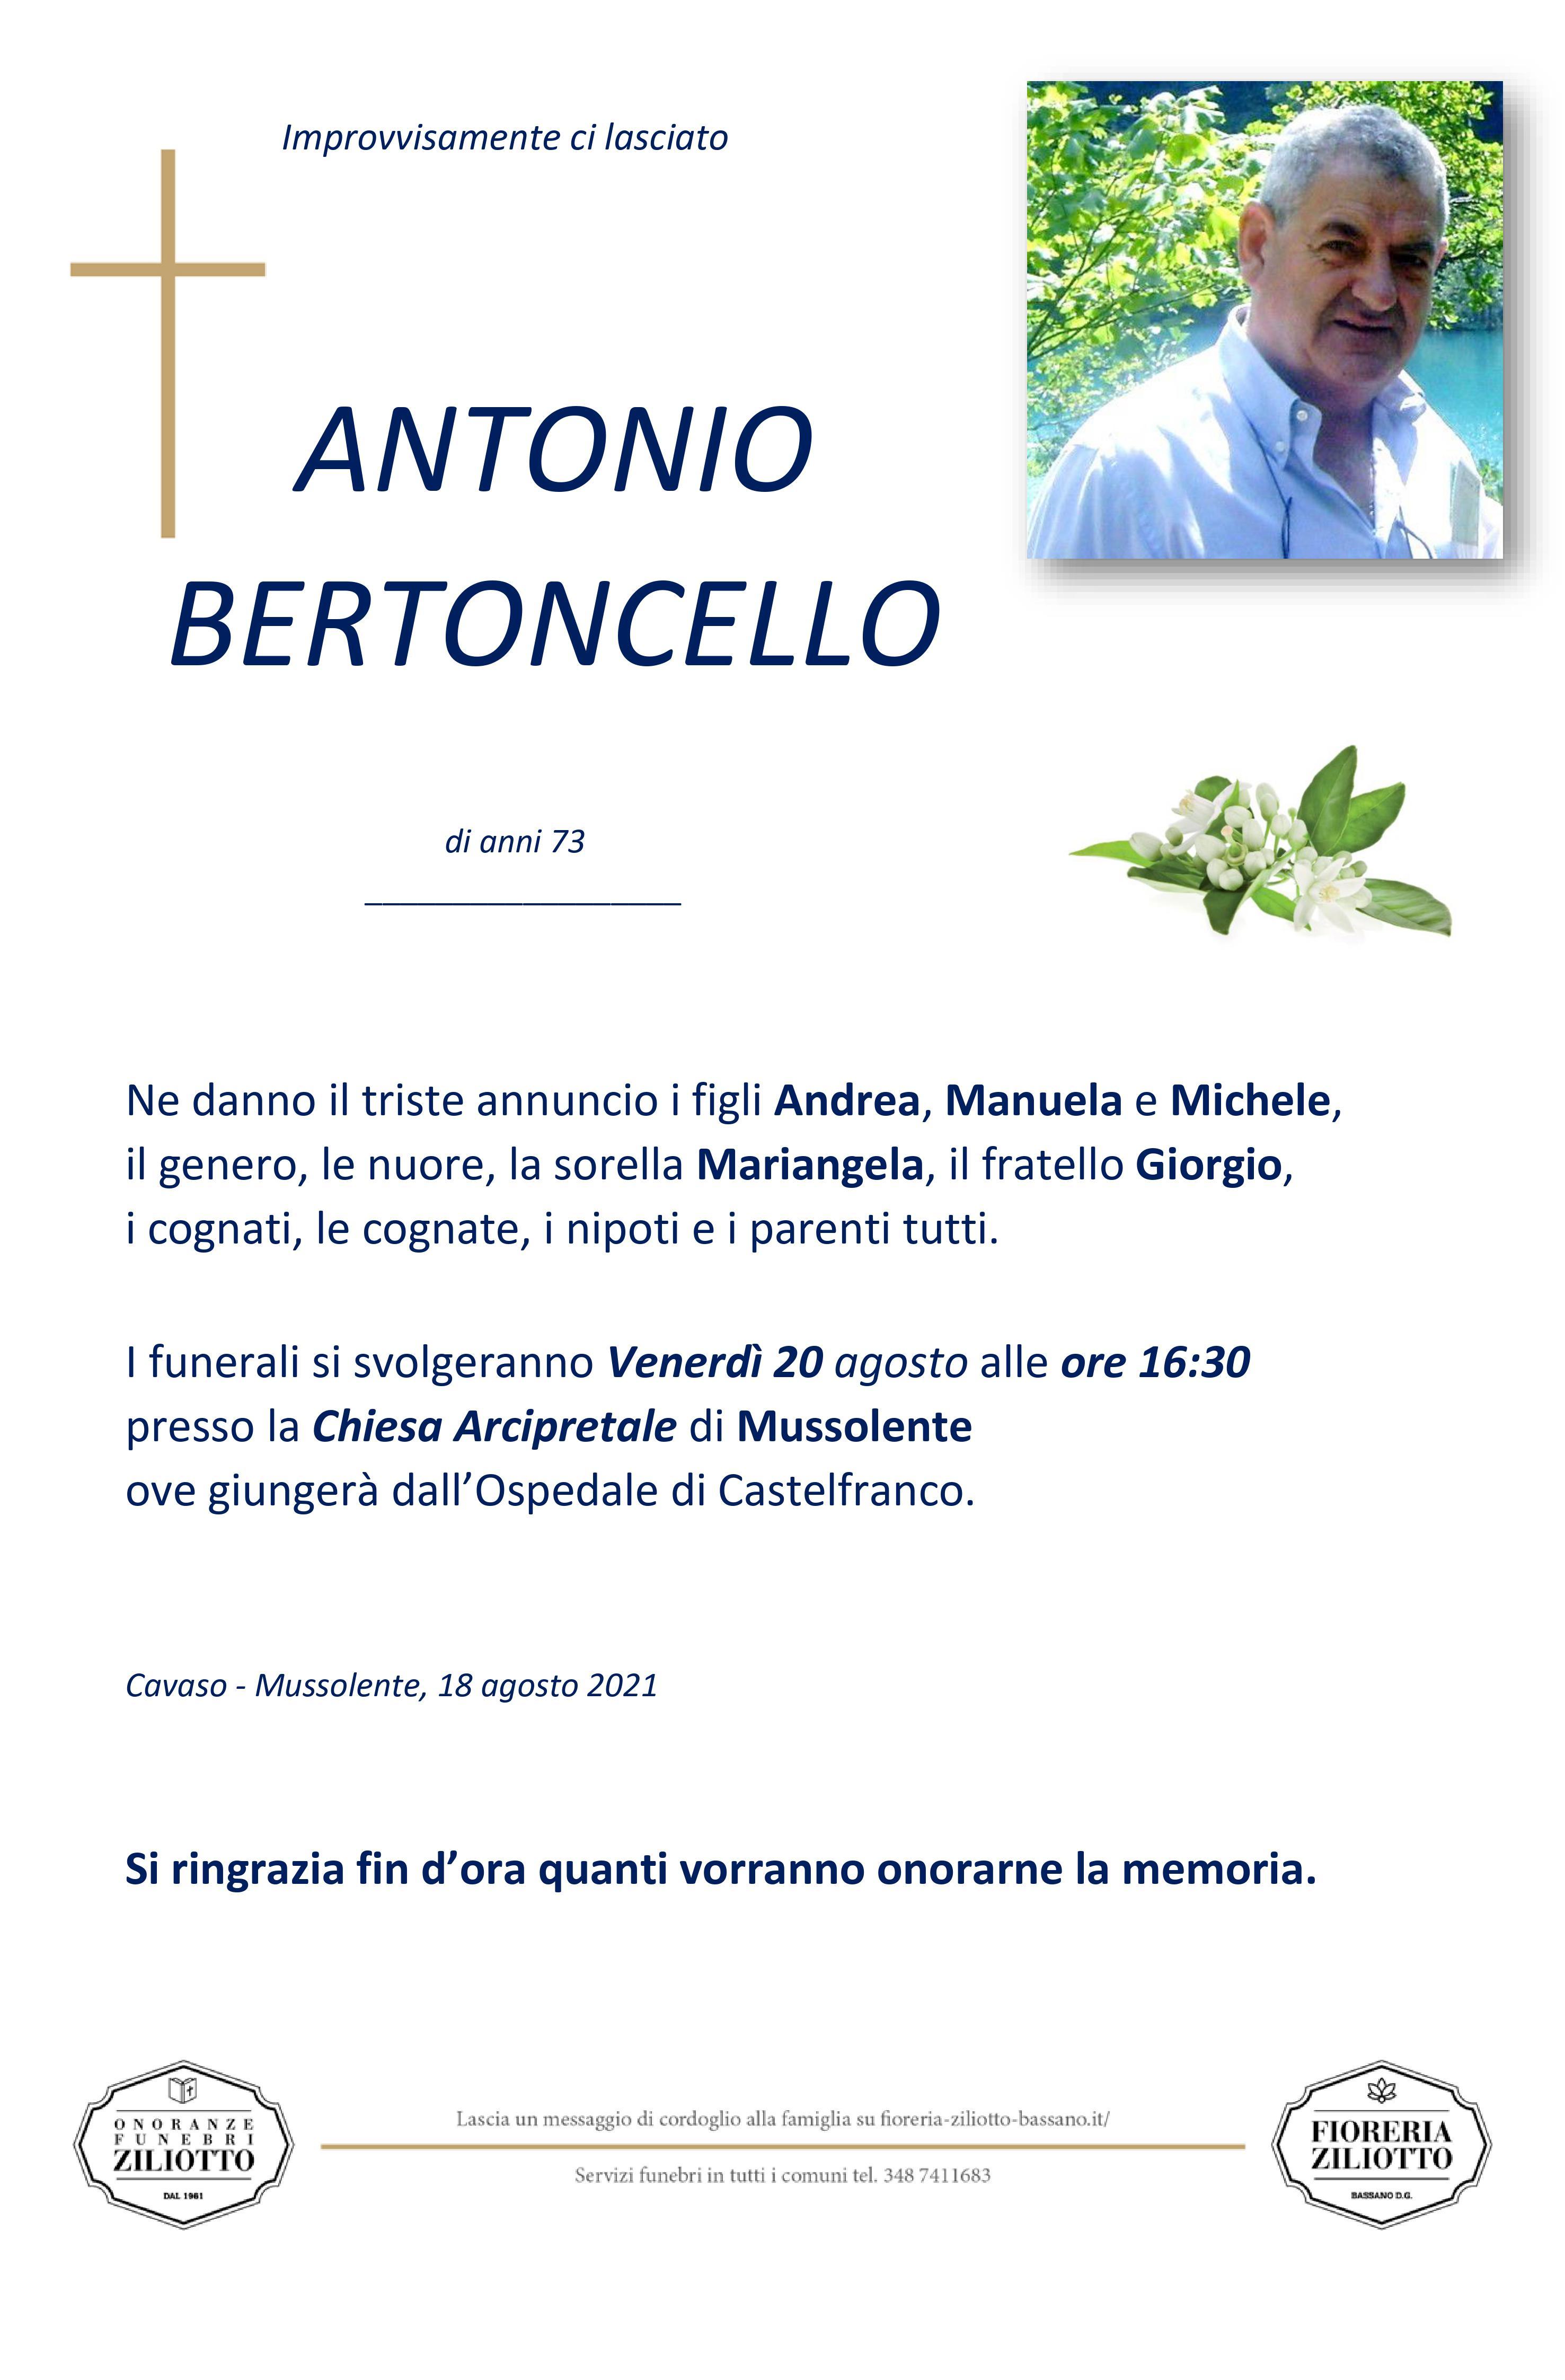 Bertoncello Antonio - 73 anni - Cavaso del Tomba